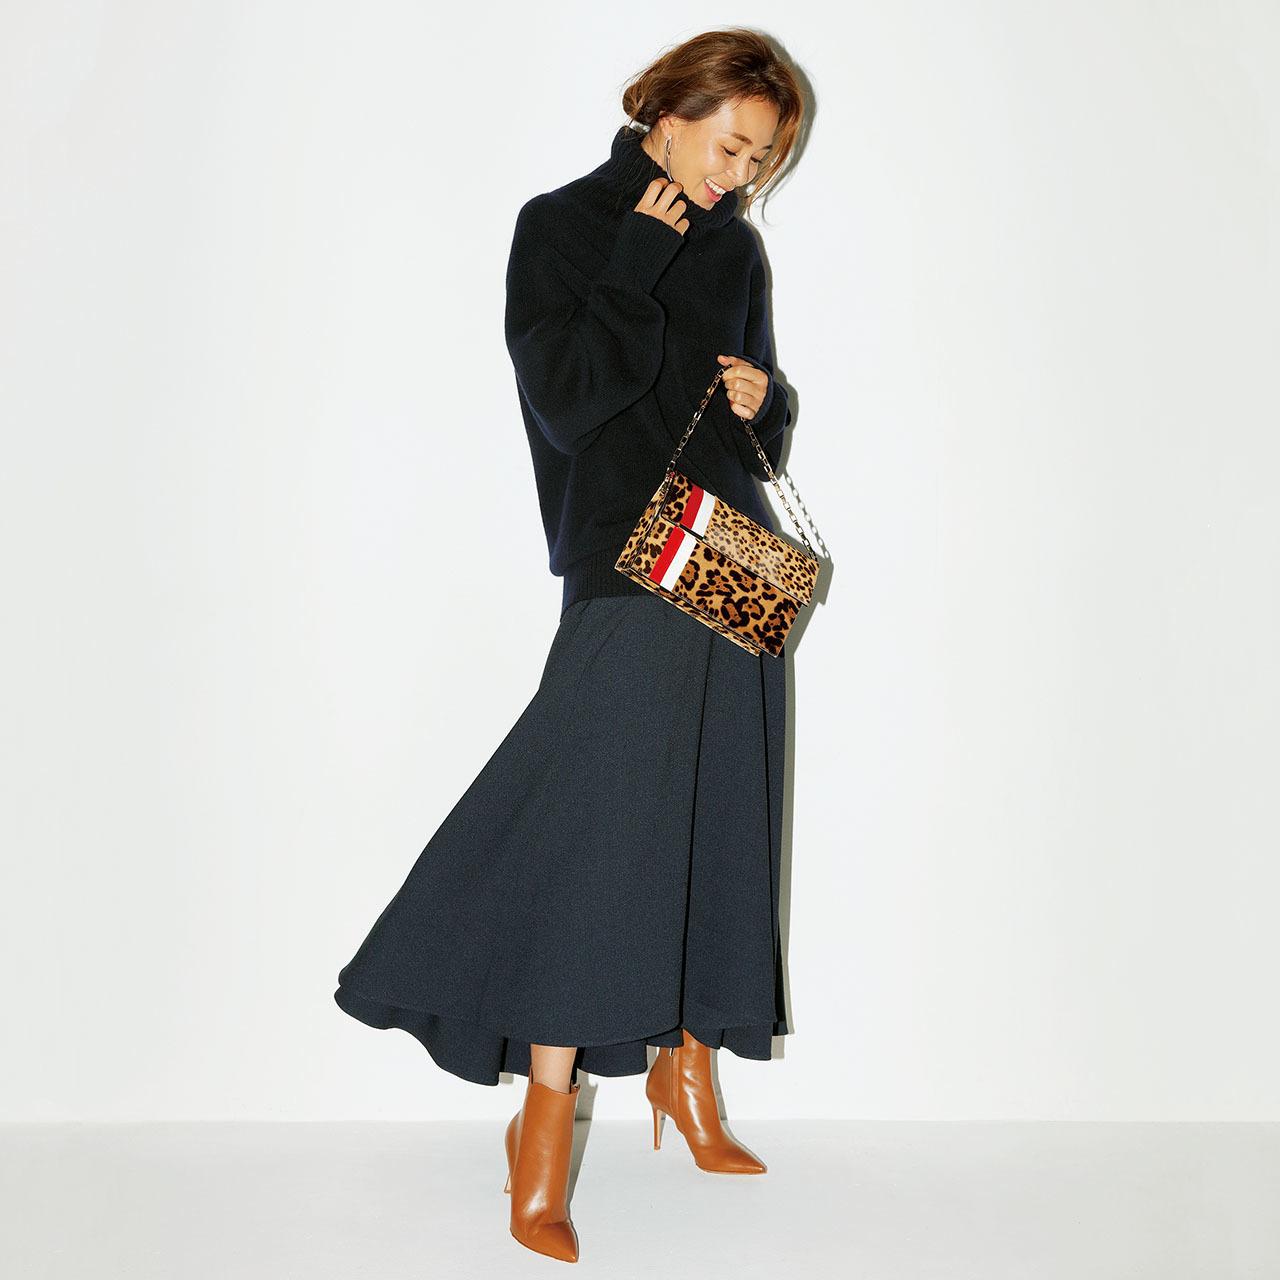 ネイビーニット×スカートのファッションコーデ